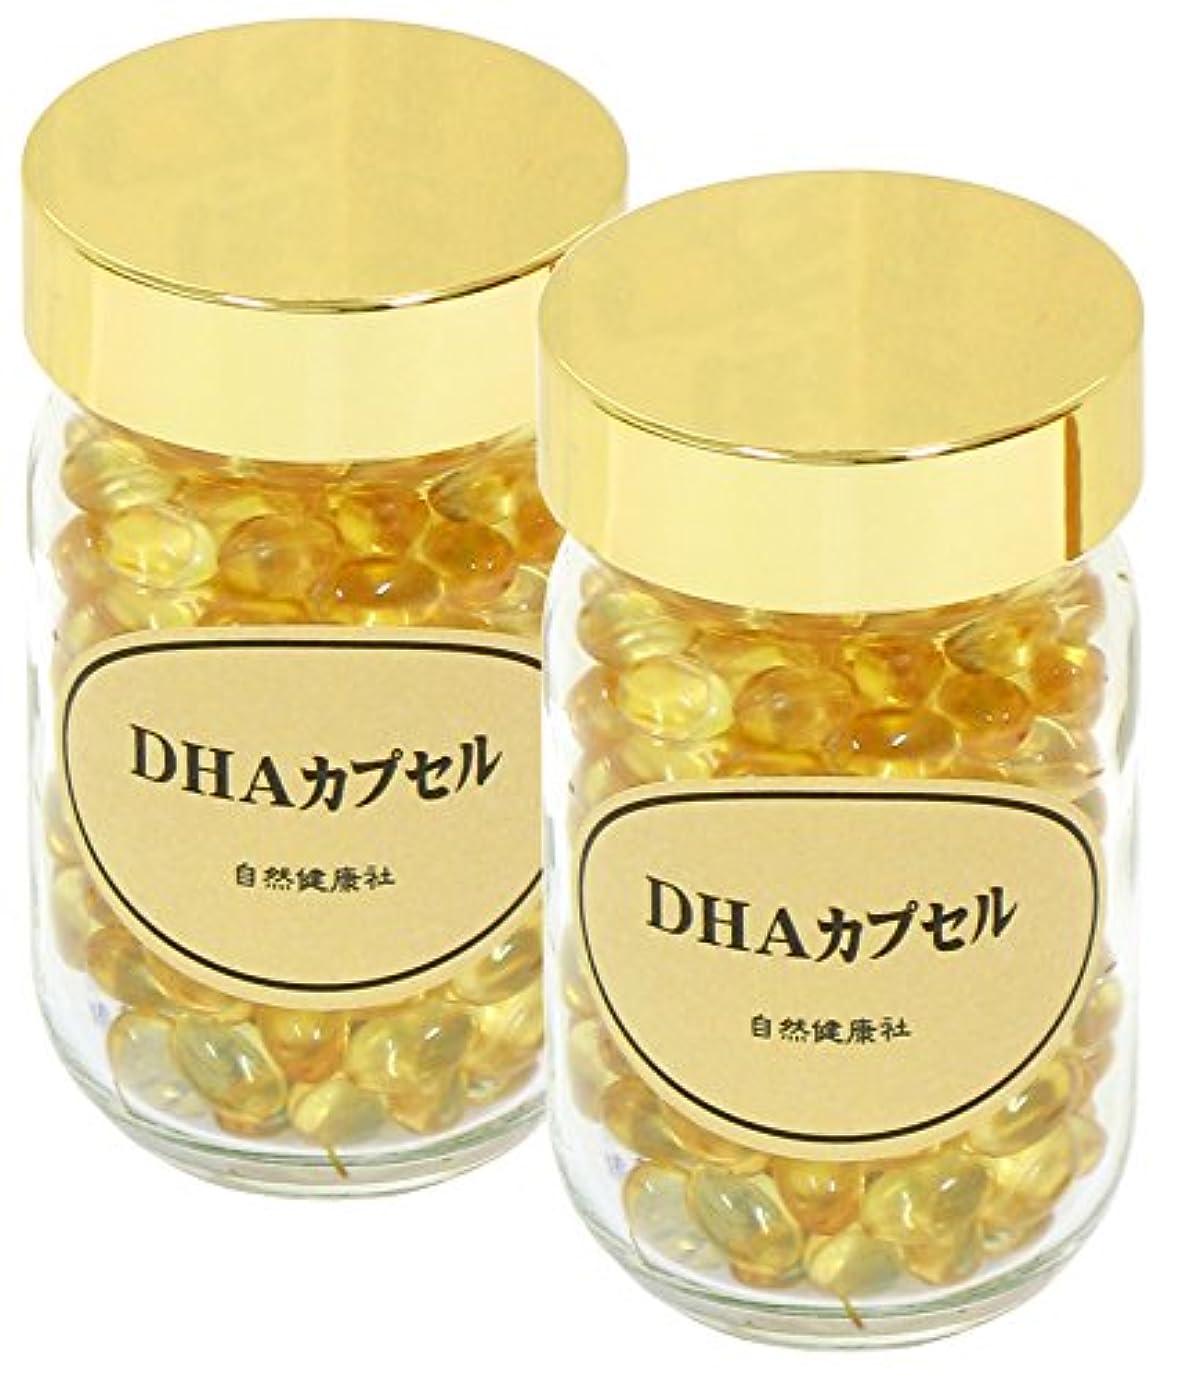 病弱慎重に議論する自然健康社 DHAカプセル 95g(460mg×206粒)×2個 ビン入り